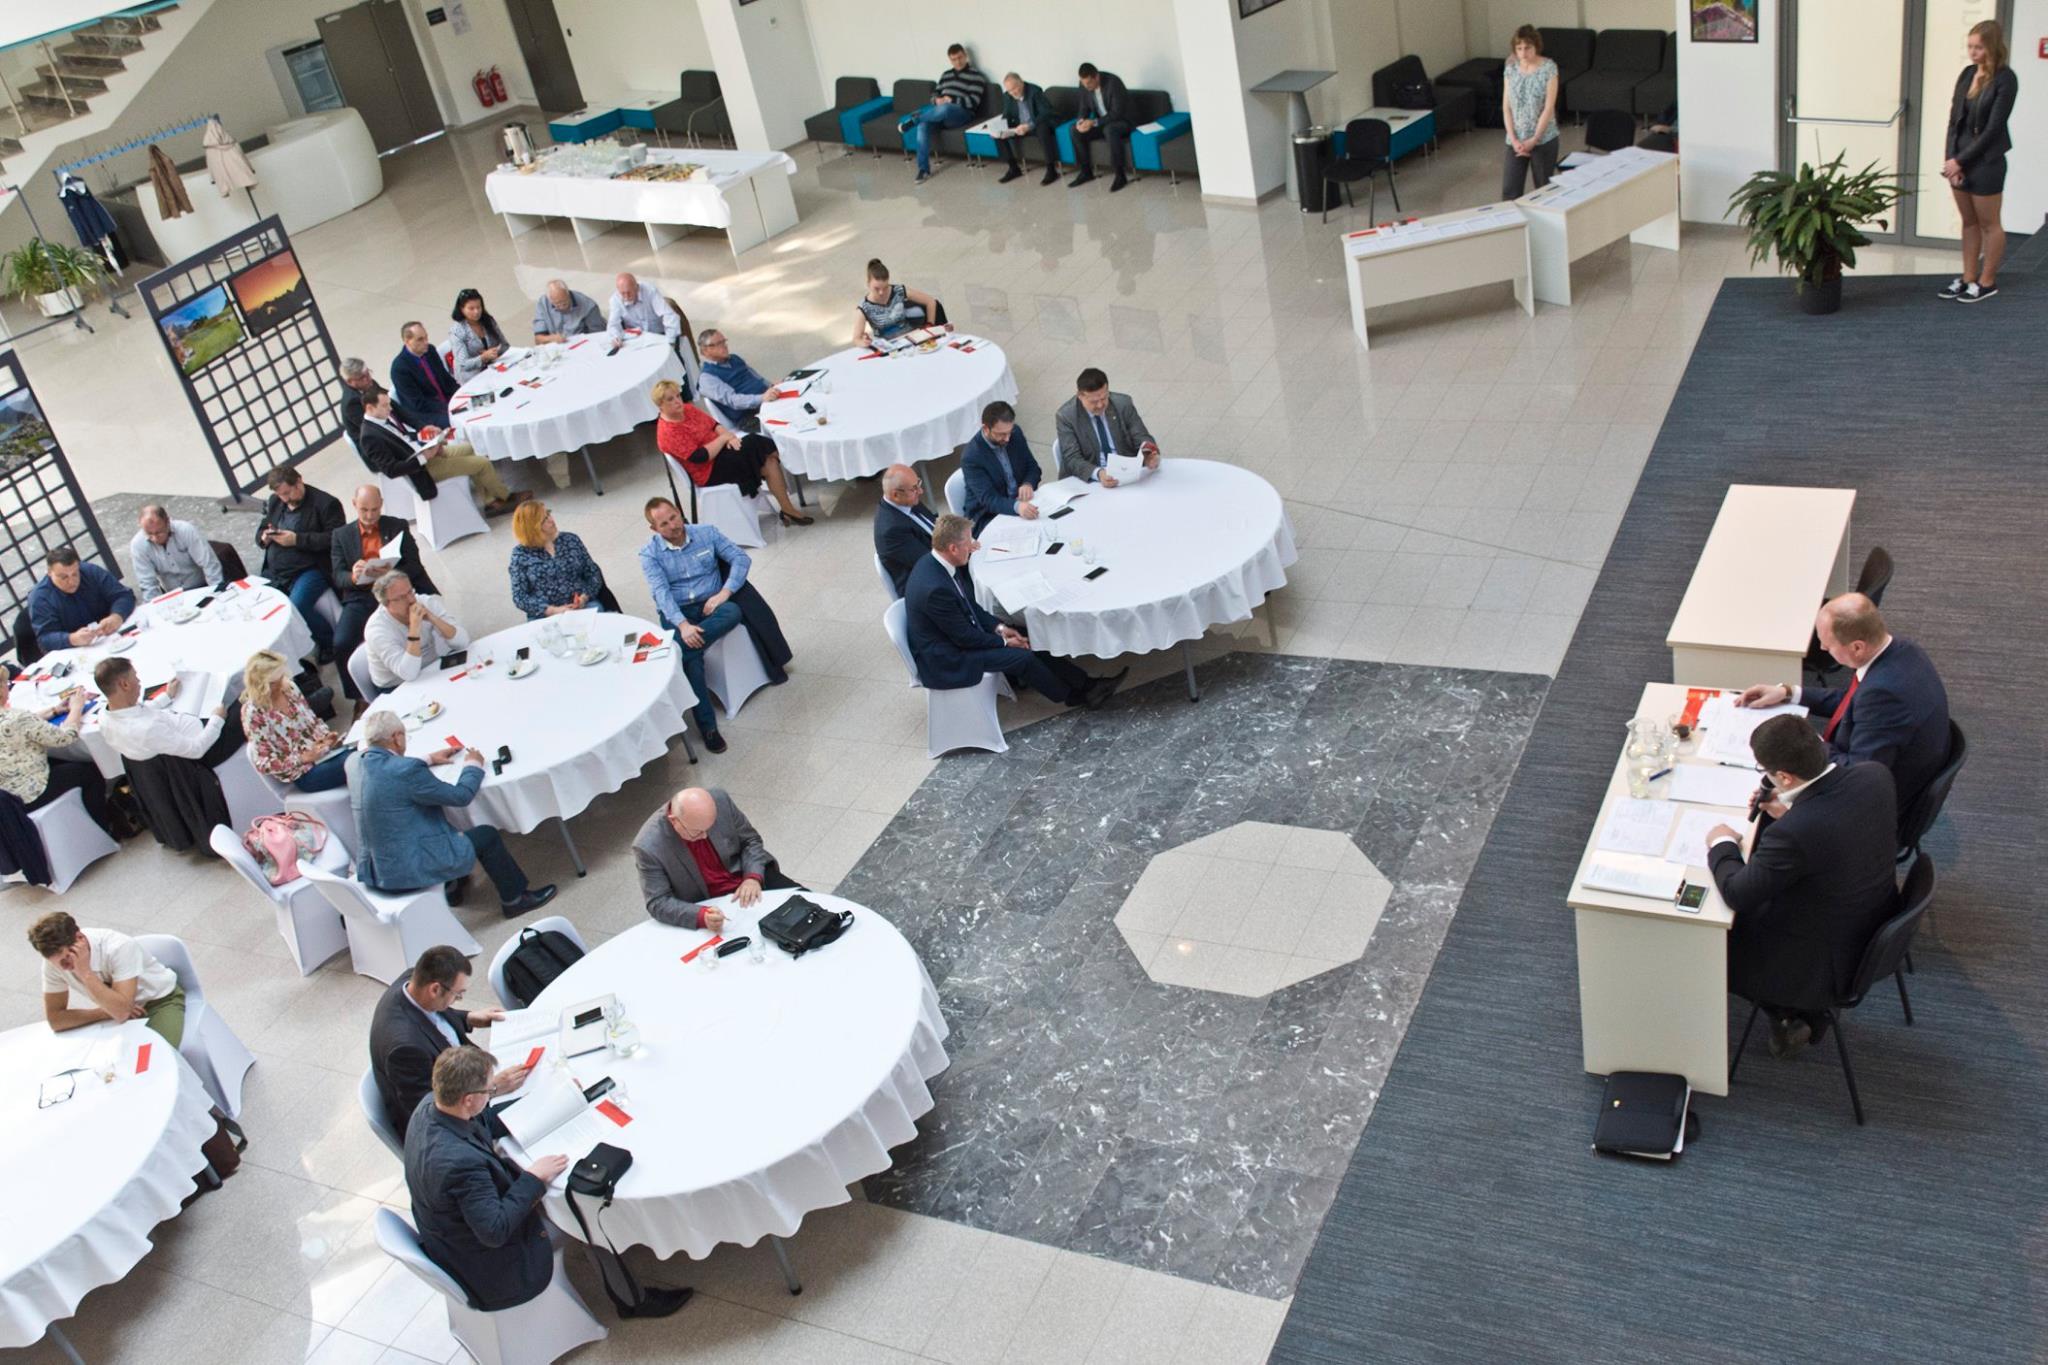 Okresní hospodářská komora Olomouc nově v BEA campusu Olomouc